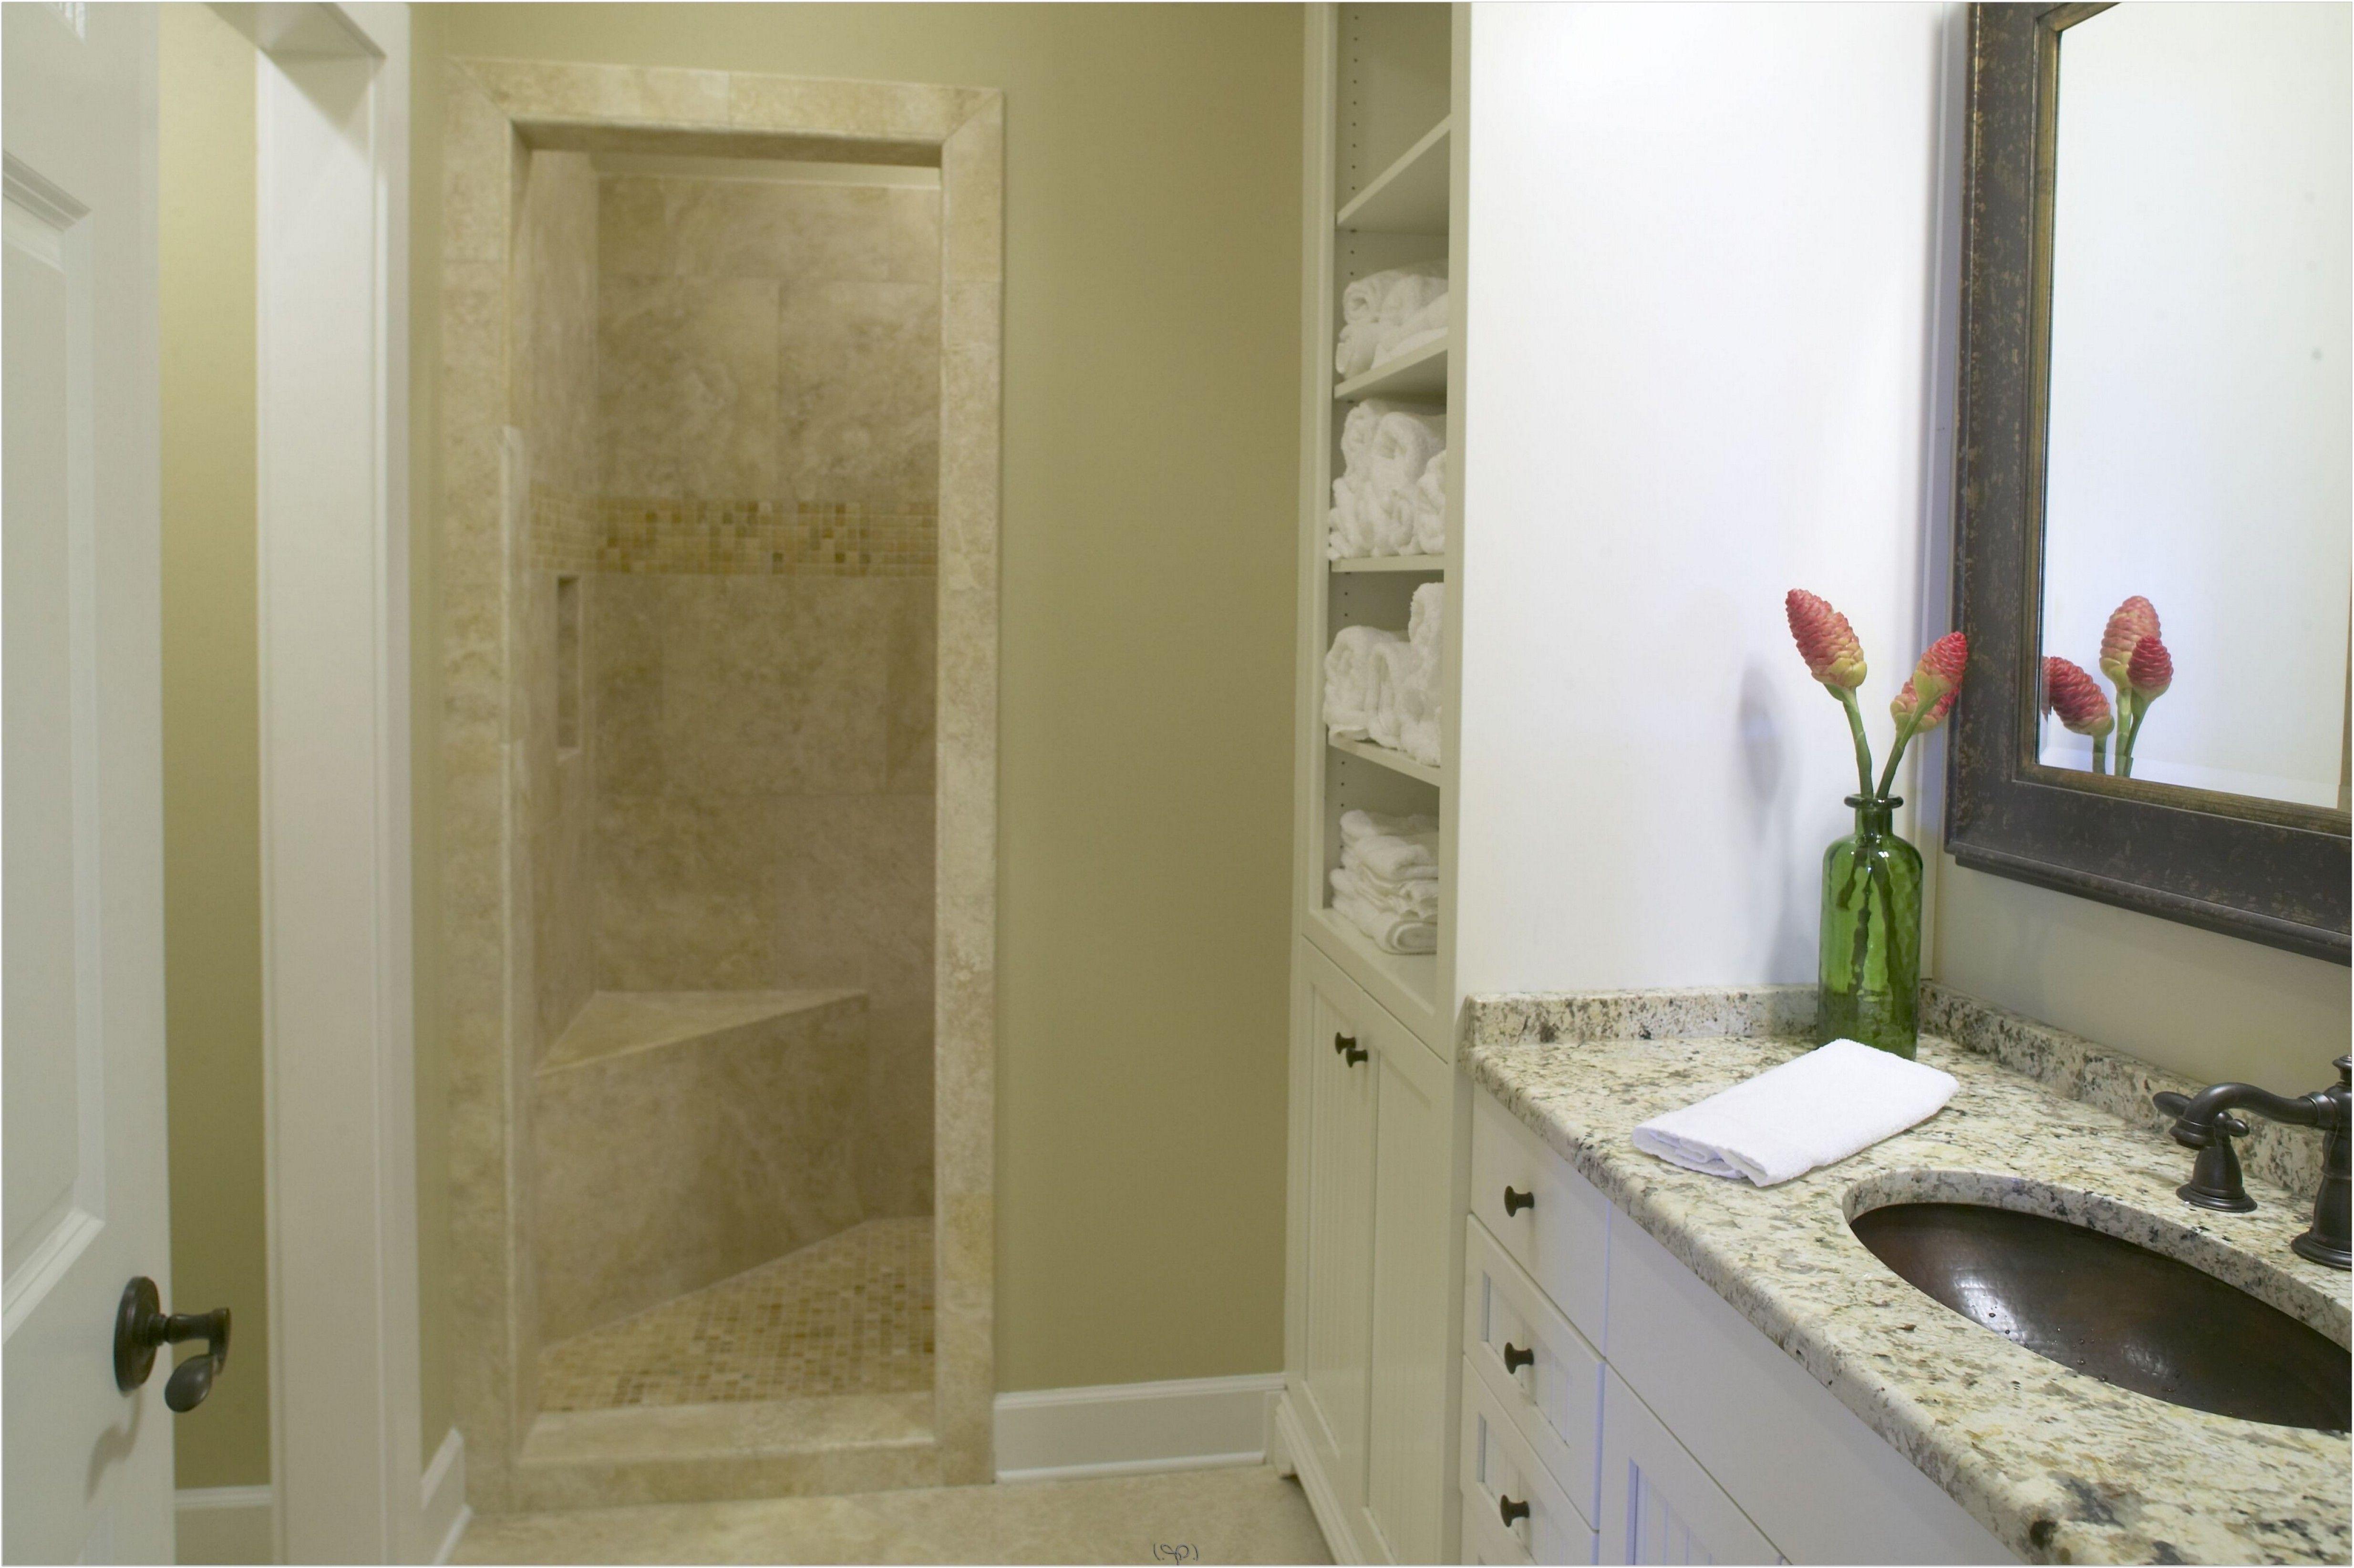 Kleines Bad Einrichten - Kleines Badezimmer Einrichten ...